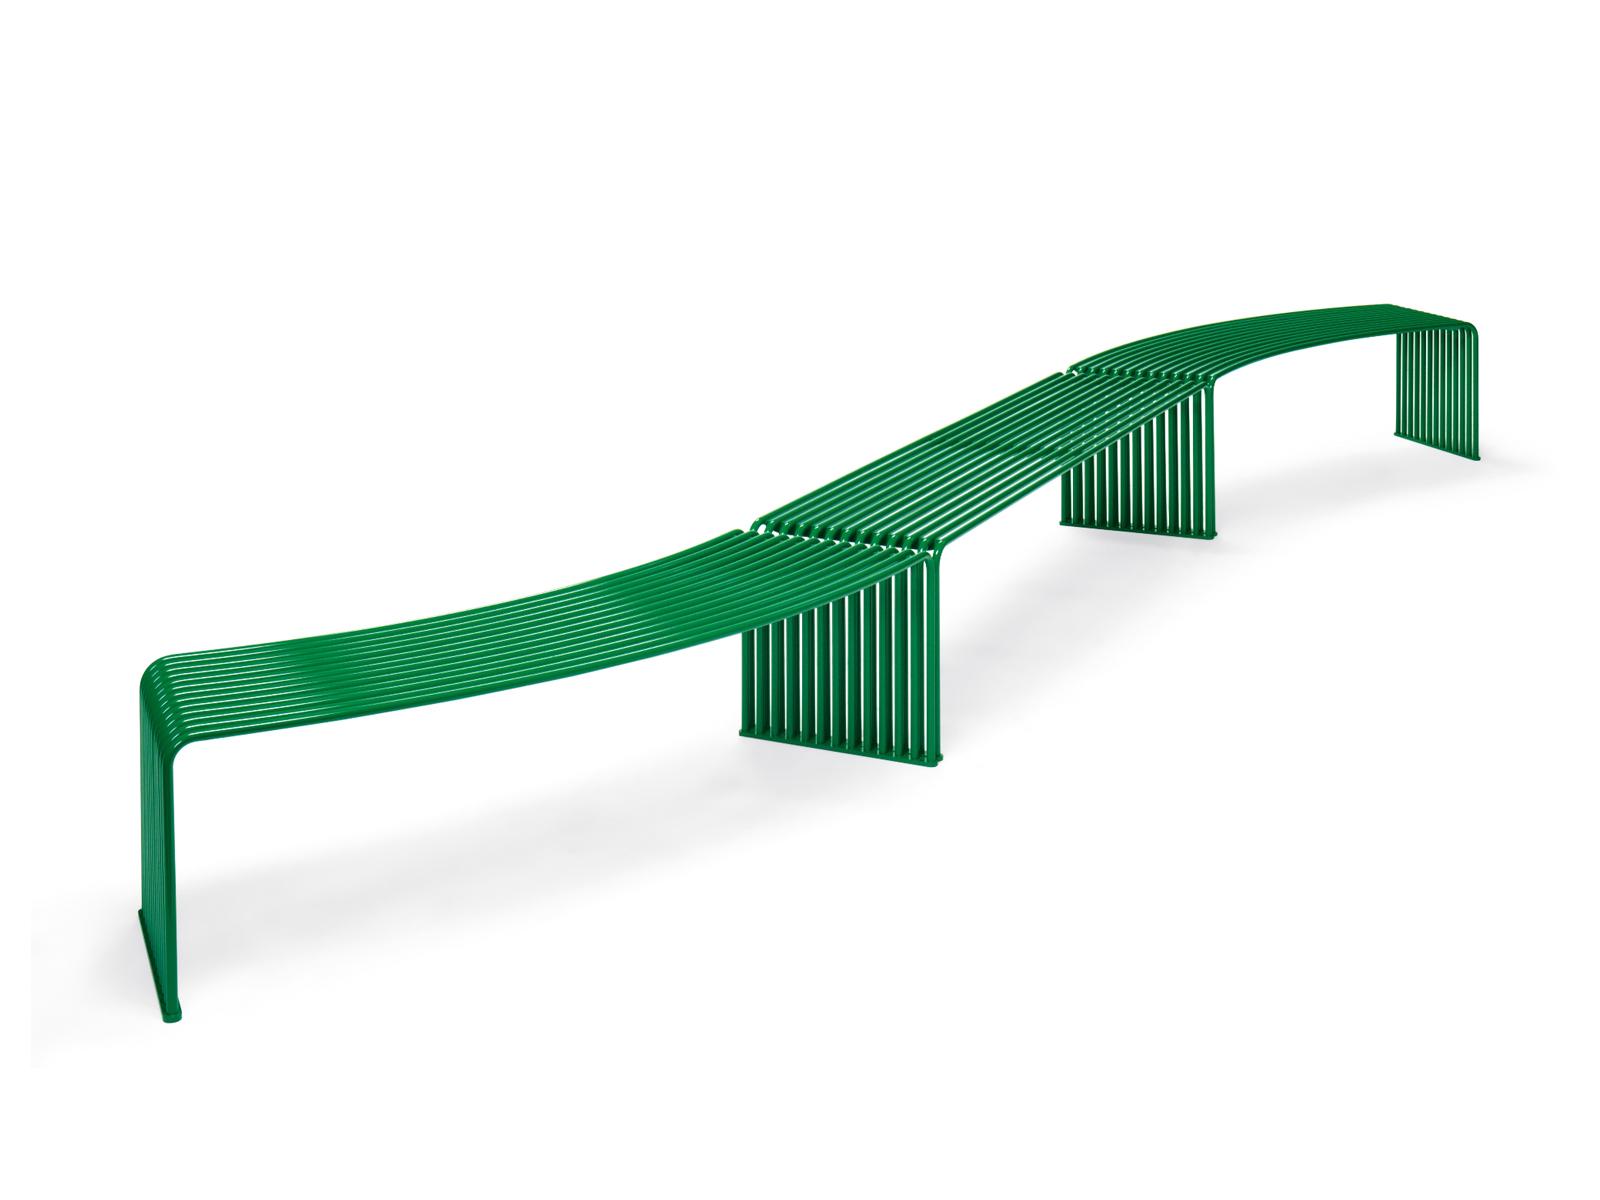 Konkáv/konvex alakú támla nélküli kültéri pad